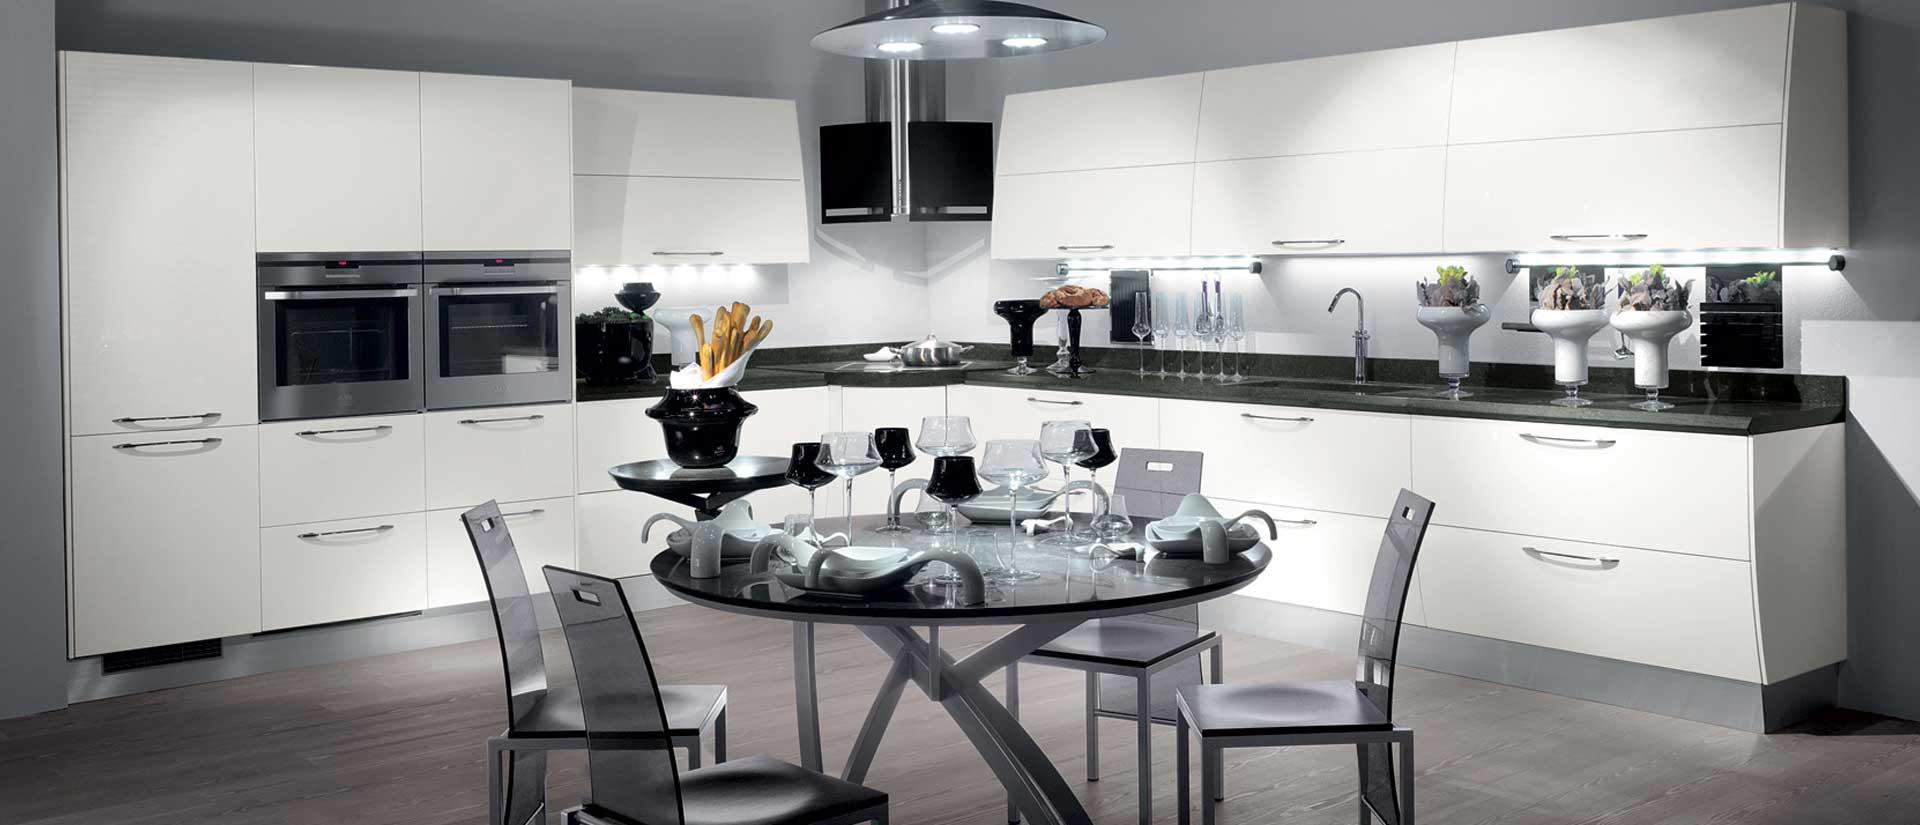 Tutti i dettagli del progetto cucina scavolini flux for Arredo cucina design